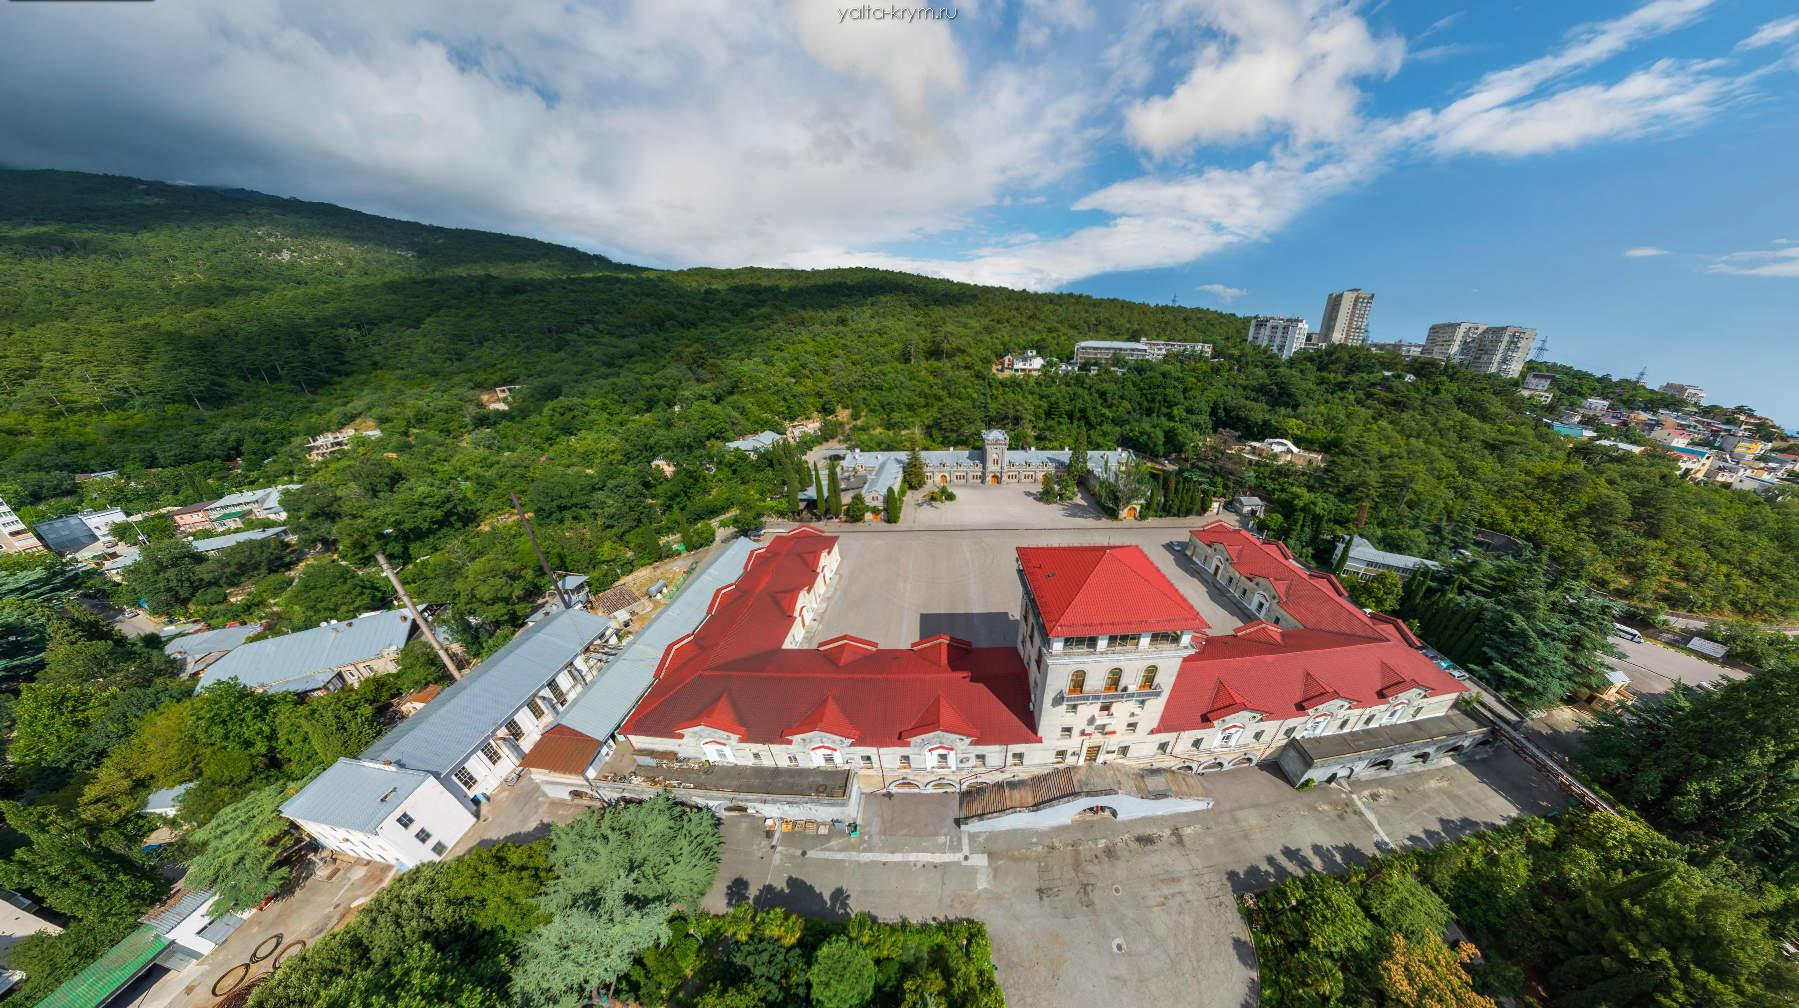 yalta-krym.ru-aero-01 cr